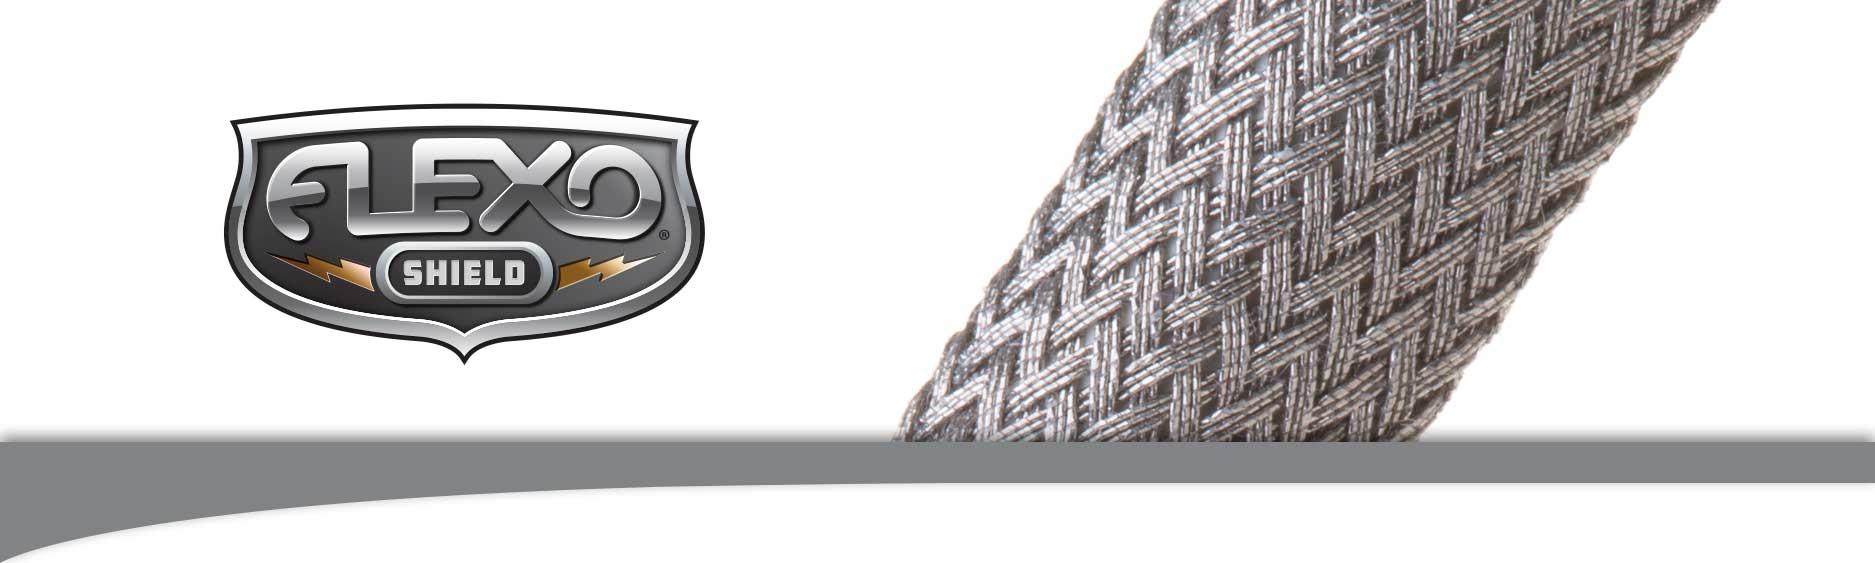 Flexo Shield